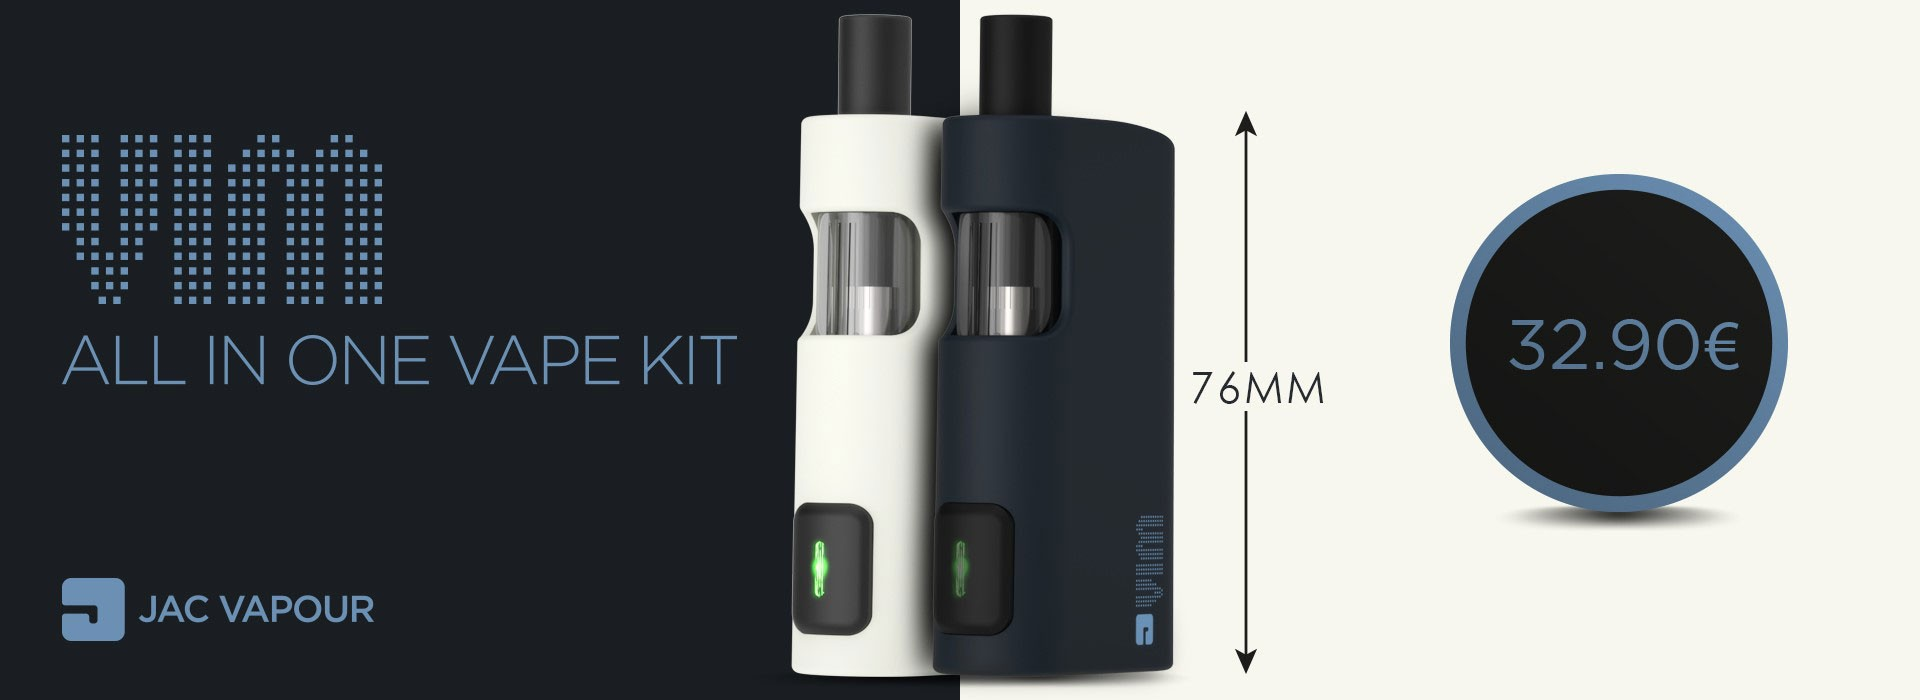 Le kit Jac Vapour VIM est une cigarette électronique tout-en-un légère et ultra-compacte tout en bénéficiant d'une autonomie confortable de 2600 mAh.